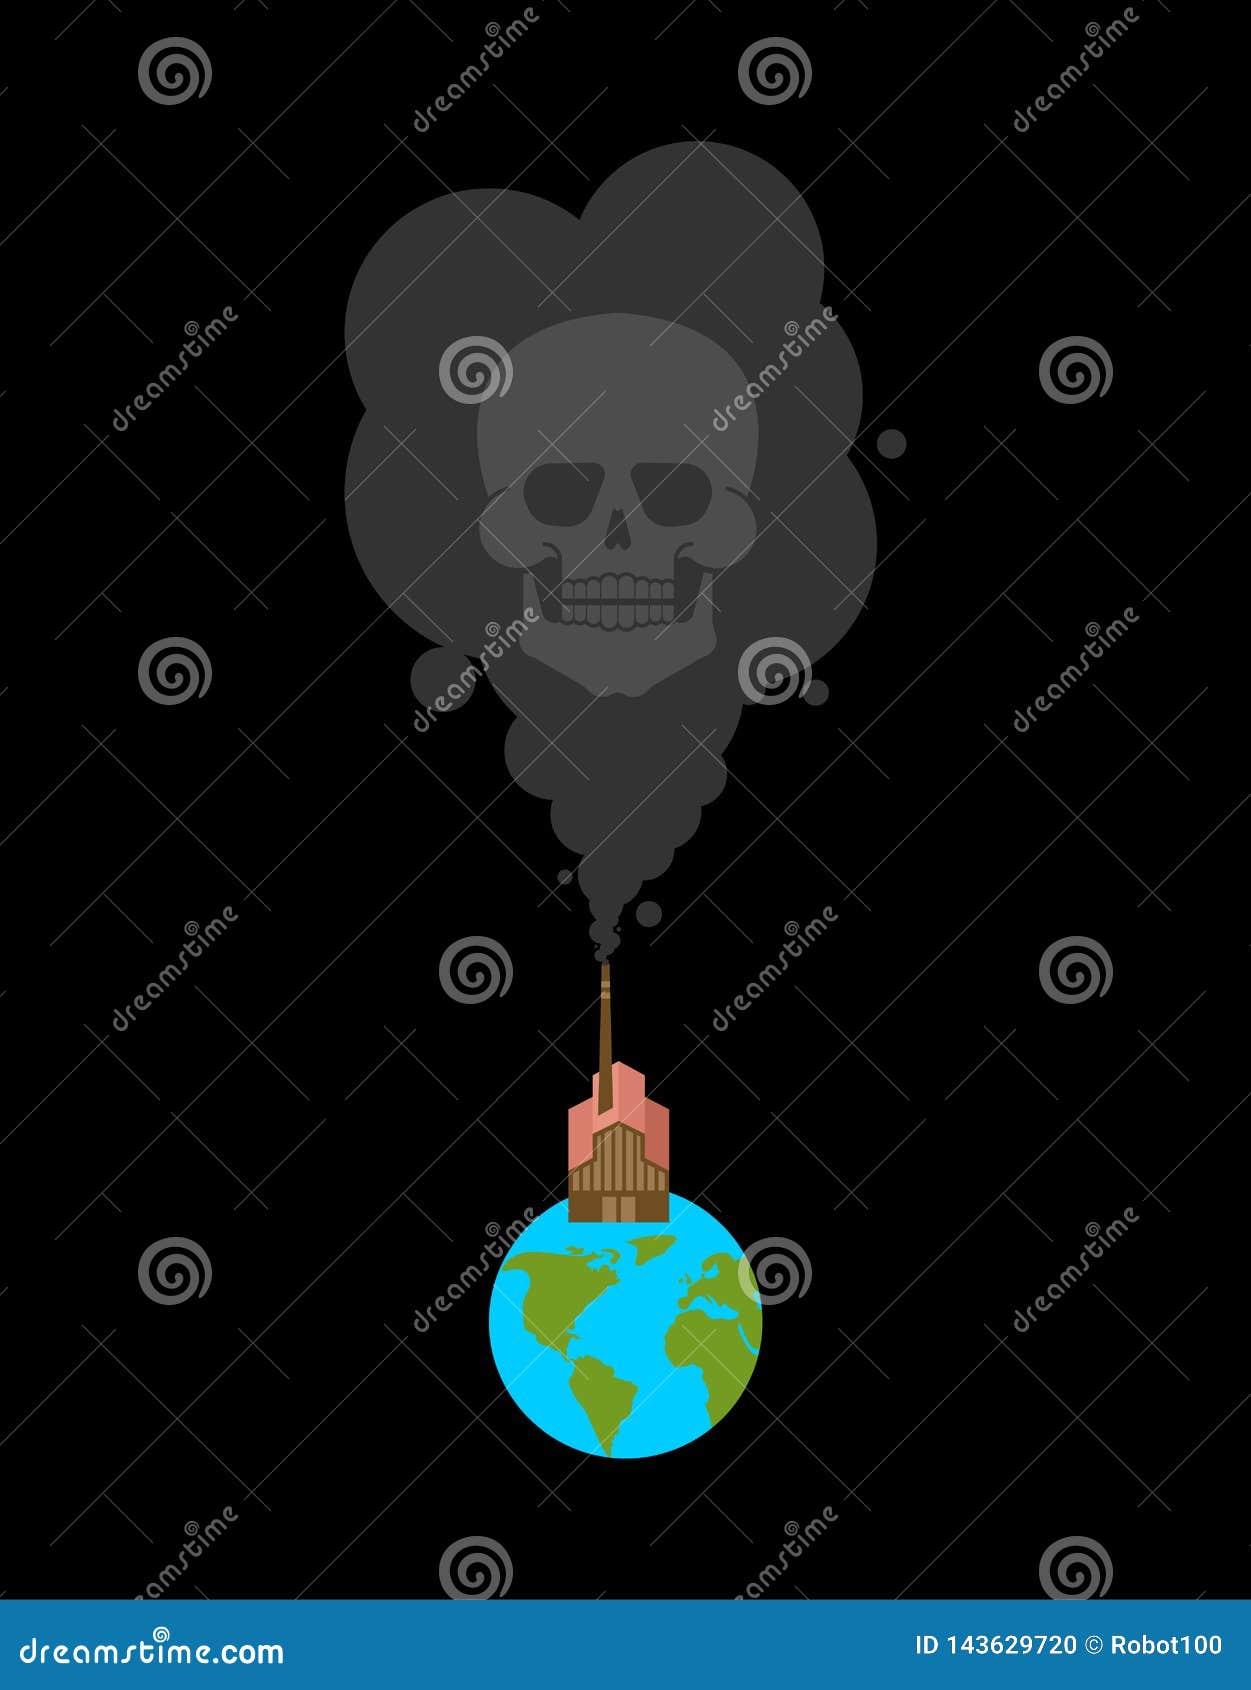 地球和工厂黑色烟和头骨 死亡和污染 有害的化学制品生产 毒物环境